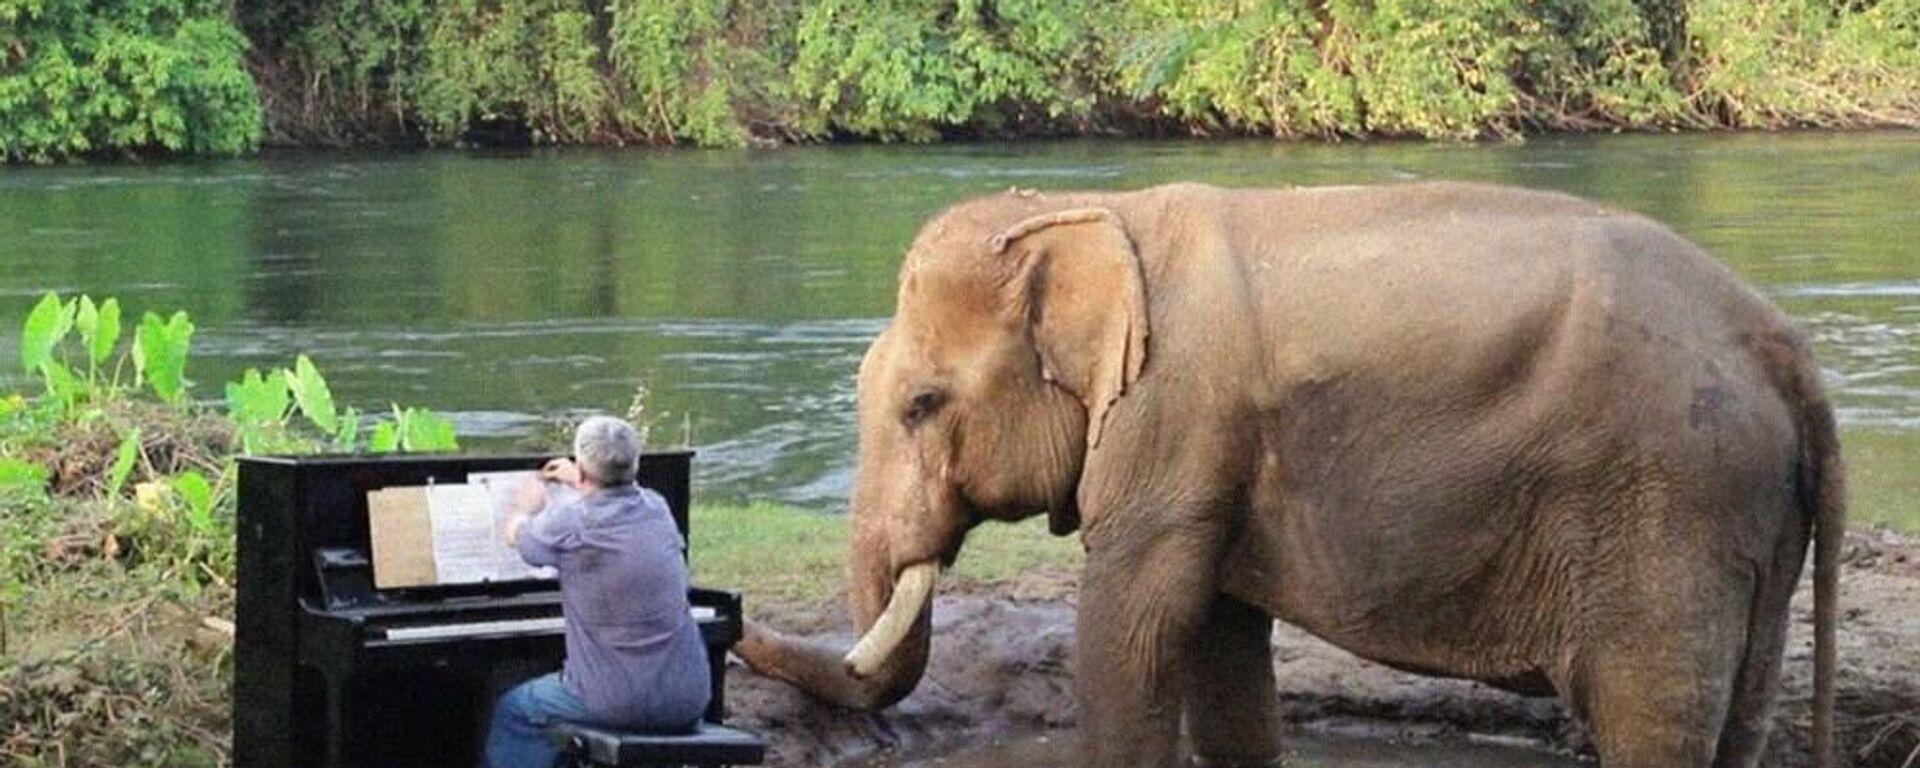 Ελέφαντας απολαμβάνει Μπετόβεν στο πιάνο στο καταφύγιο Elephants World στην Ταϊλάνδη - Sputnik Ελλάδα, 1920, 25.07.2021